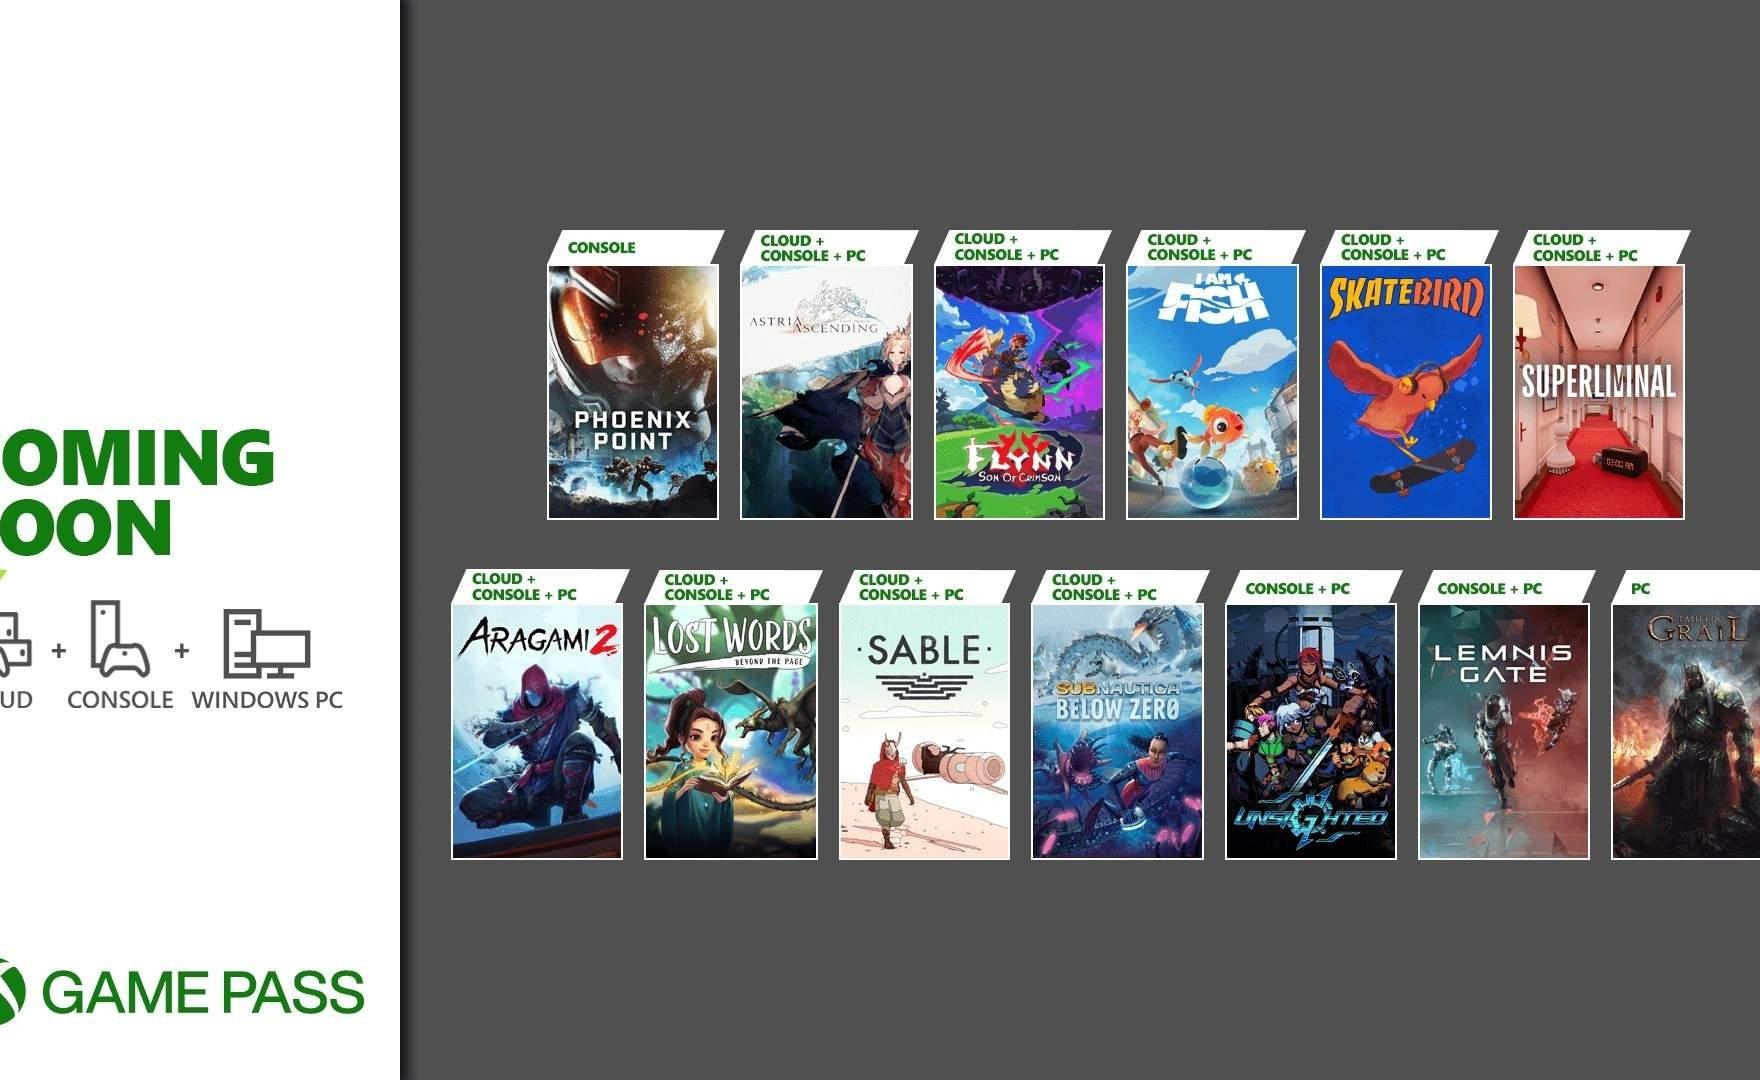 Xbox Game Pass: in arrivo una valanga di nuovi giochi, ecco quali